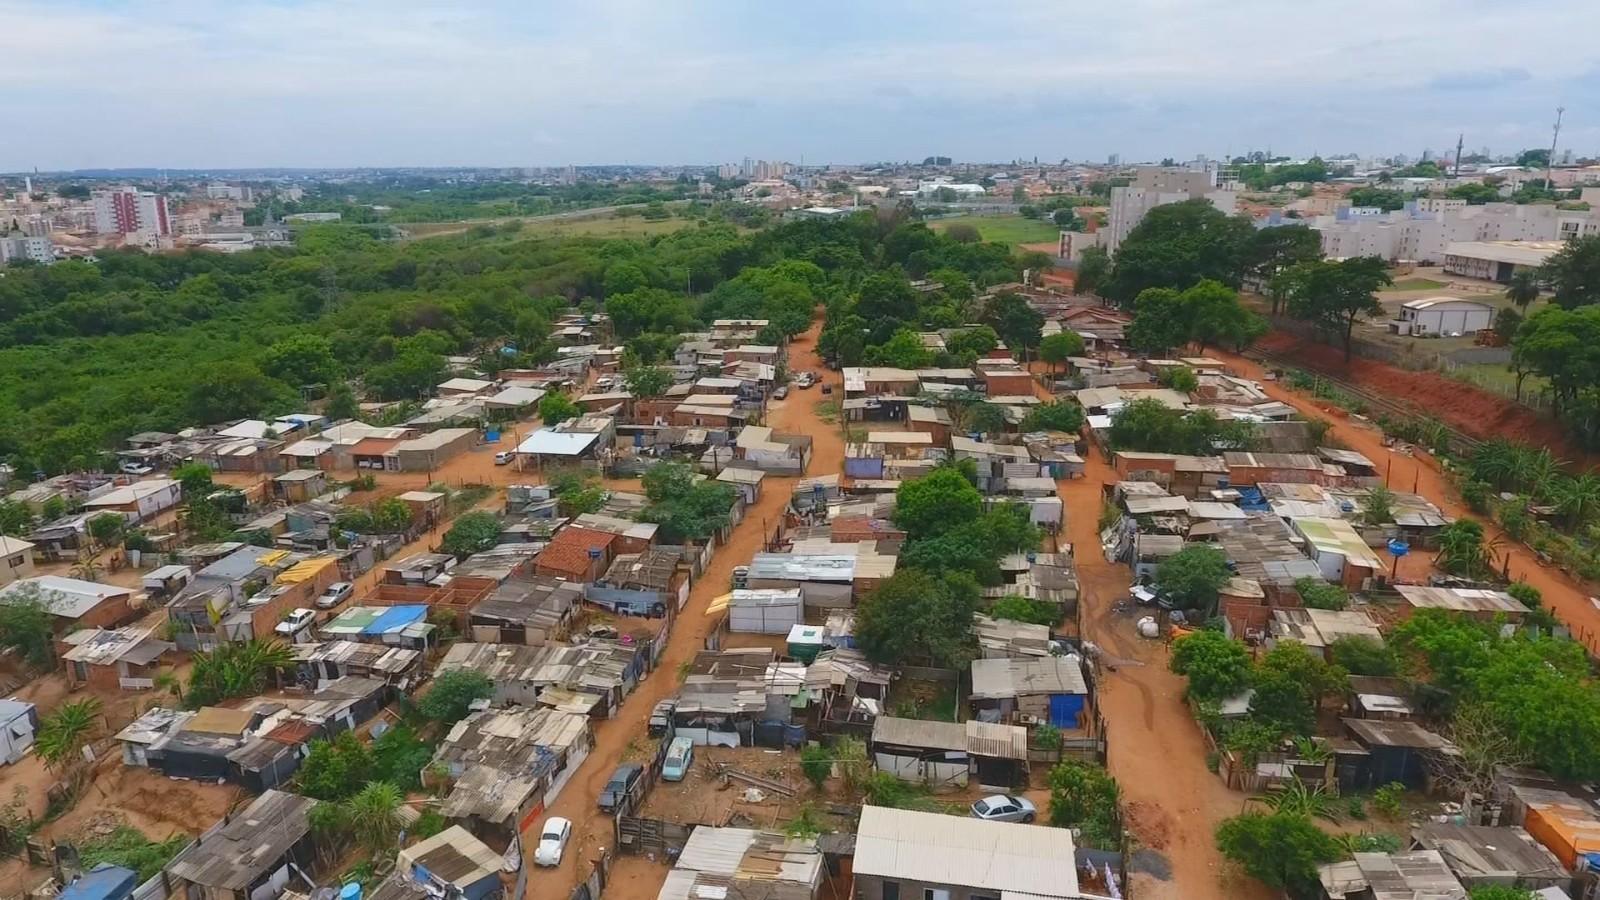 Projeto de revitalização da favela Vila Itália em Rio Preto ganha novos aliados